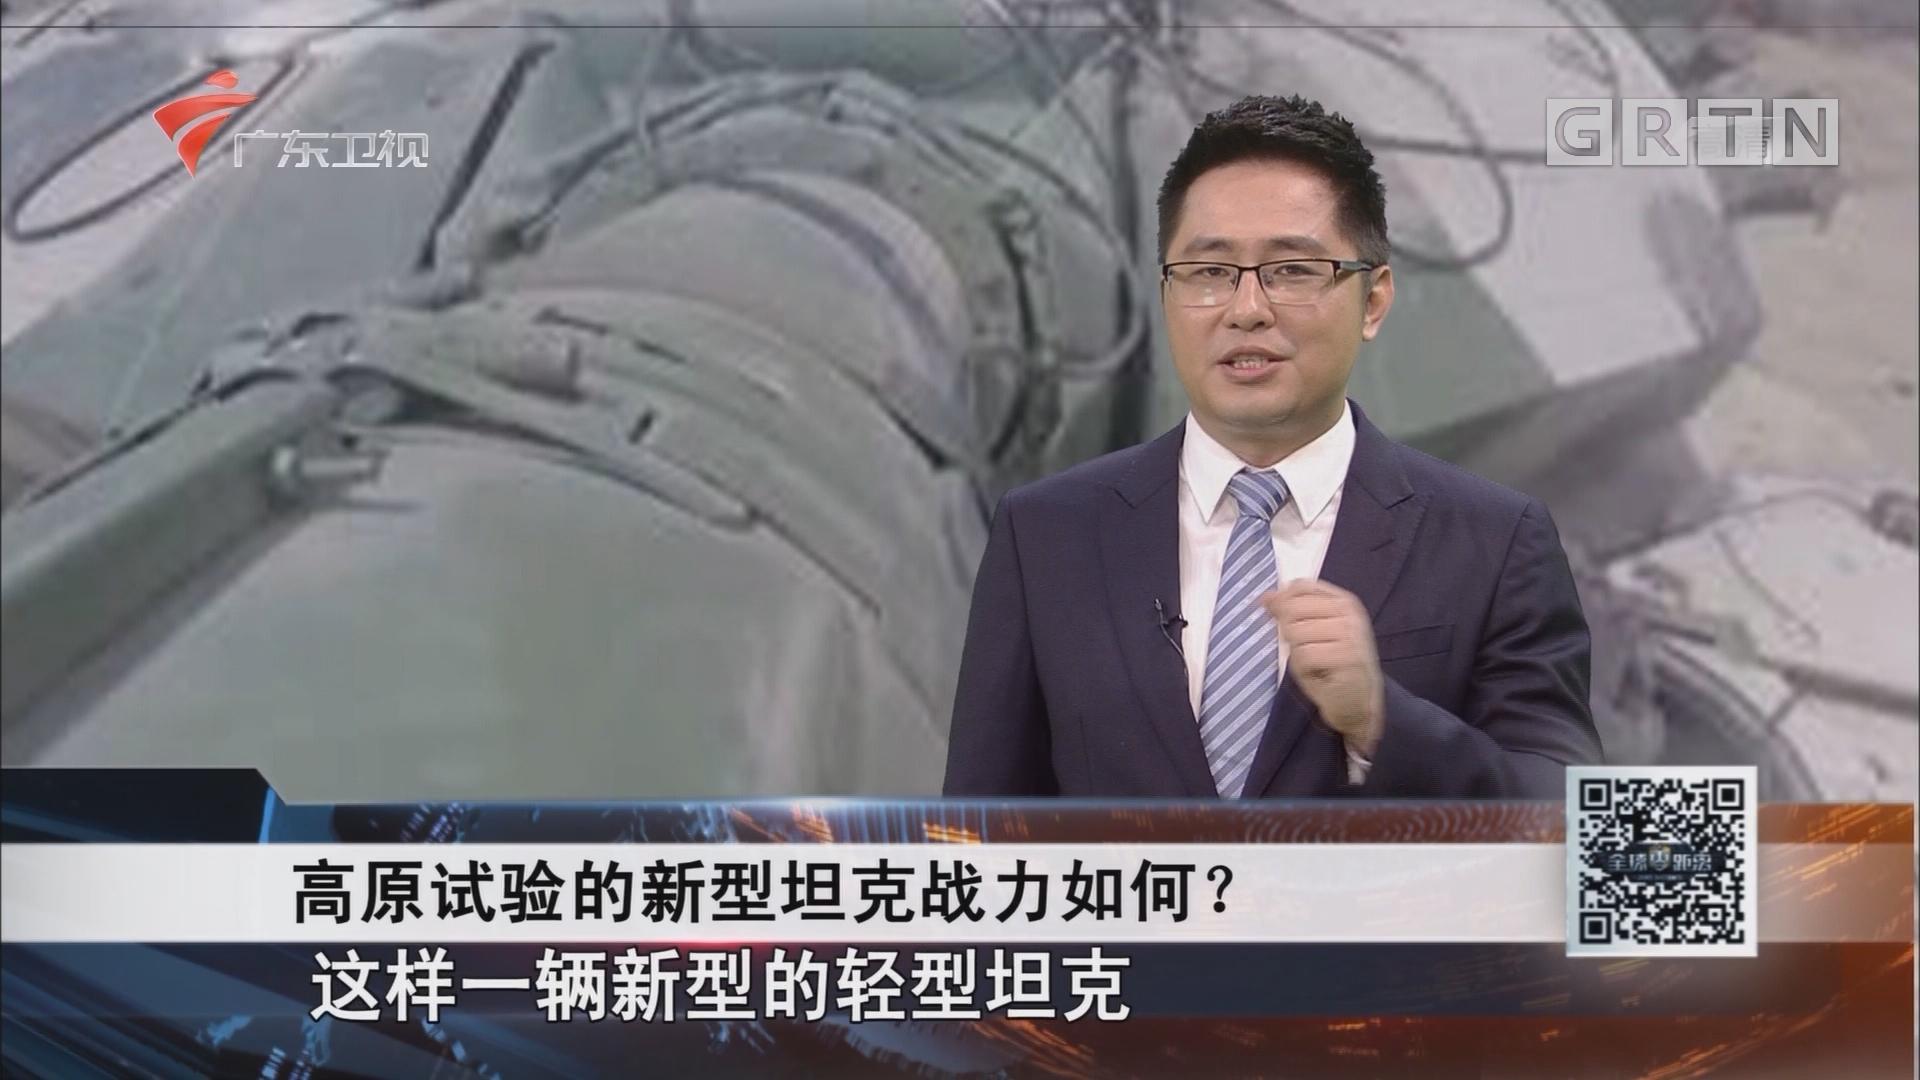 [HD][2017-08-27]全球零距离:中国陆军有多强?